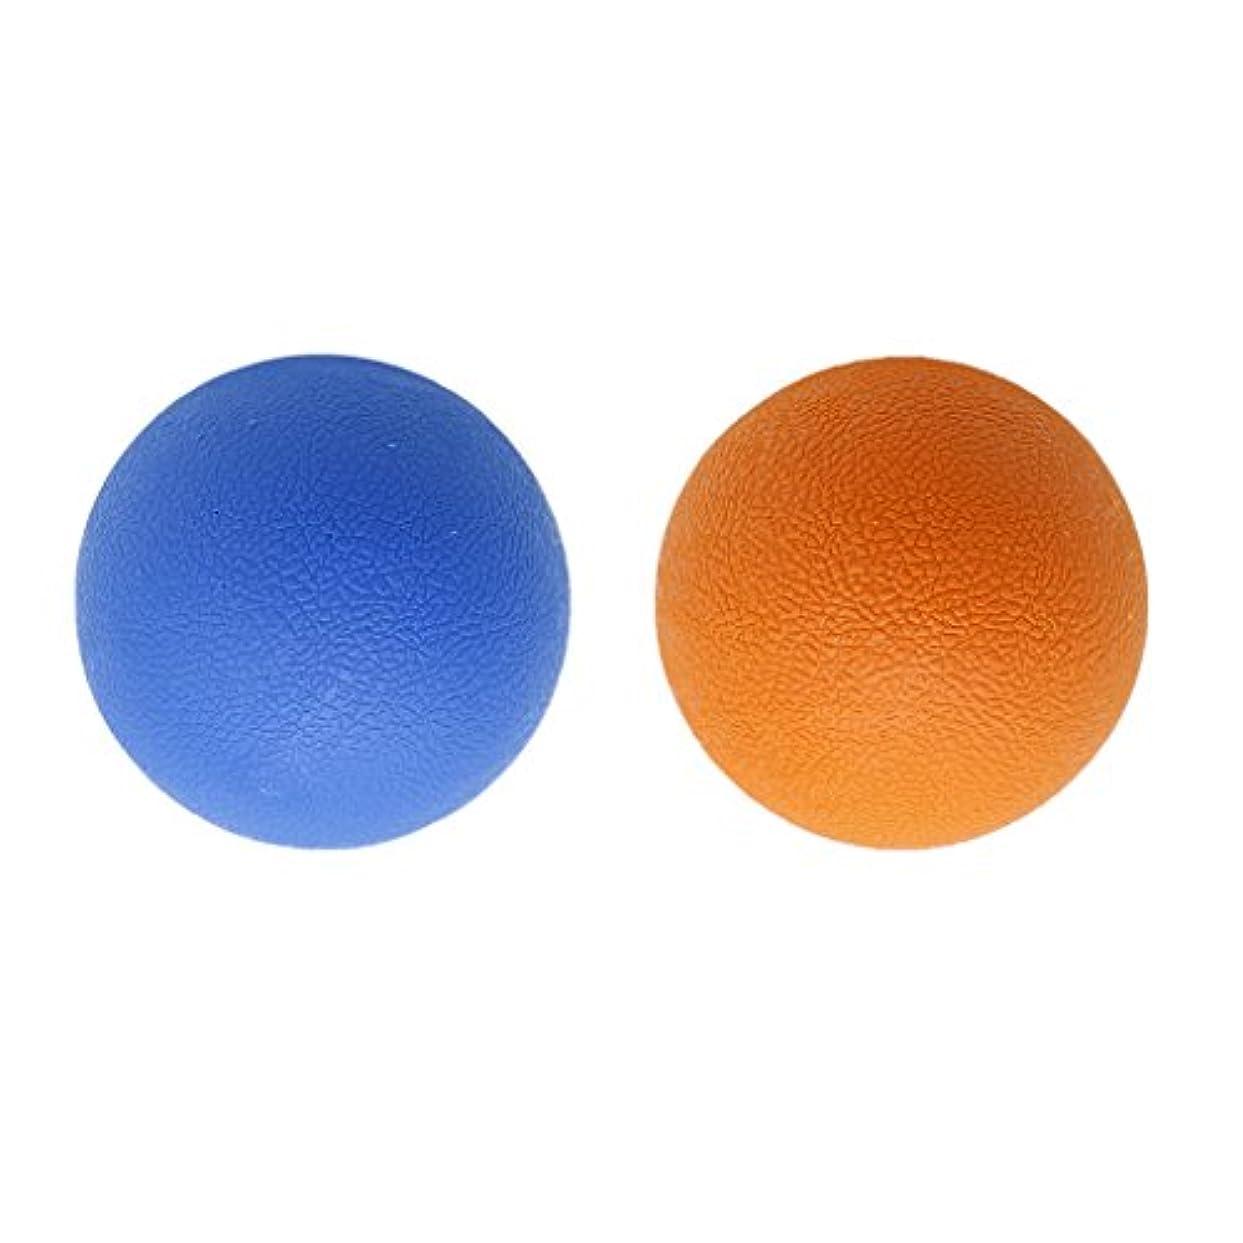 ベリー博覧会ヒューバートハドソンマッサージボール トリガーポイント ラクロスボール 弾性TPE ストレッチボール 多色選べる - オレンジブルー